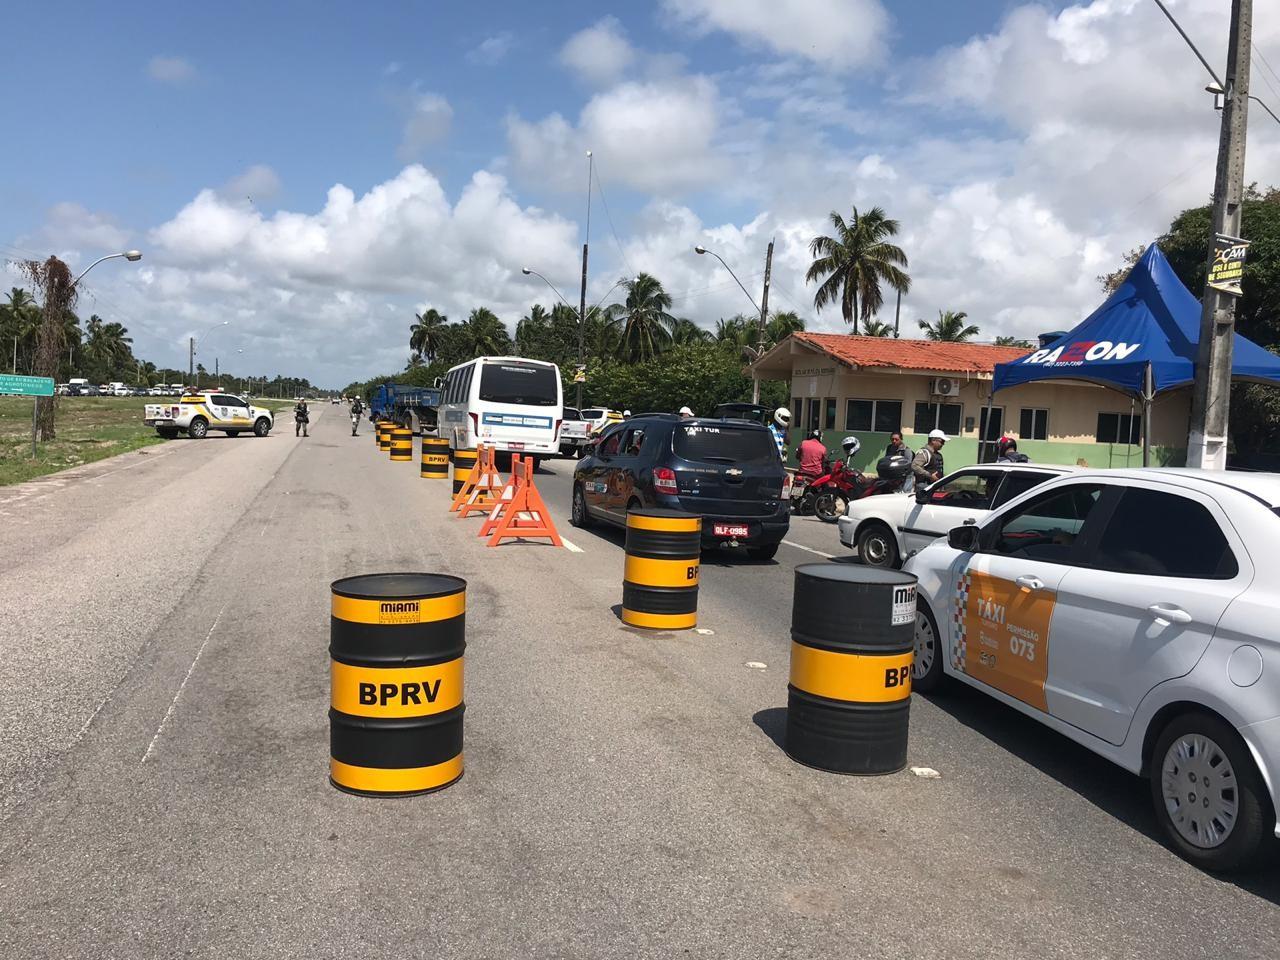 Policiamento nas rodovias de Alagoas é reforçado no feriadão